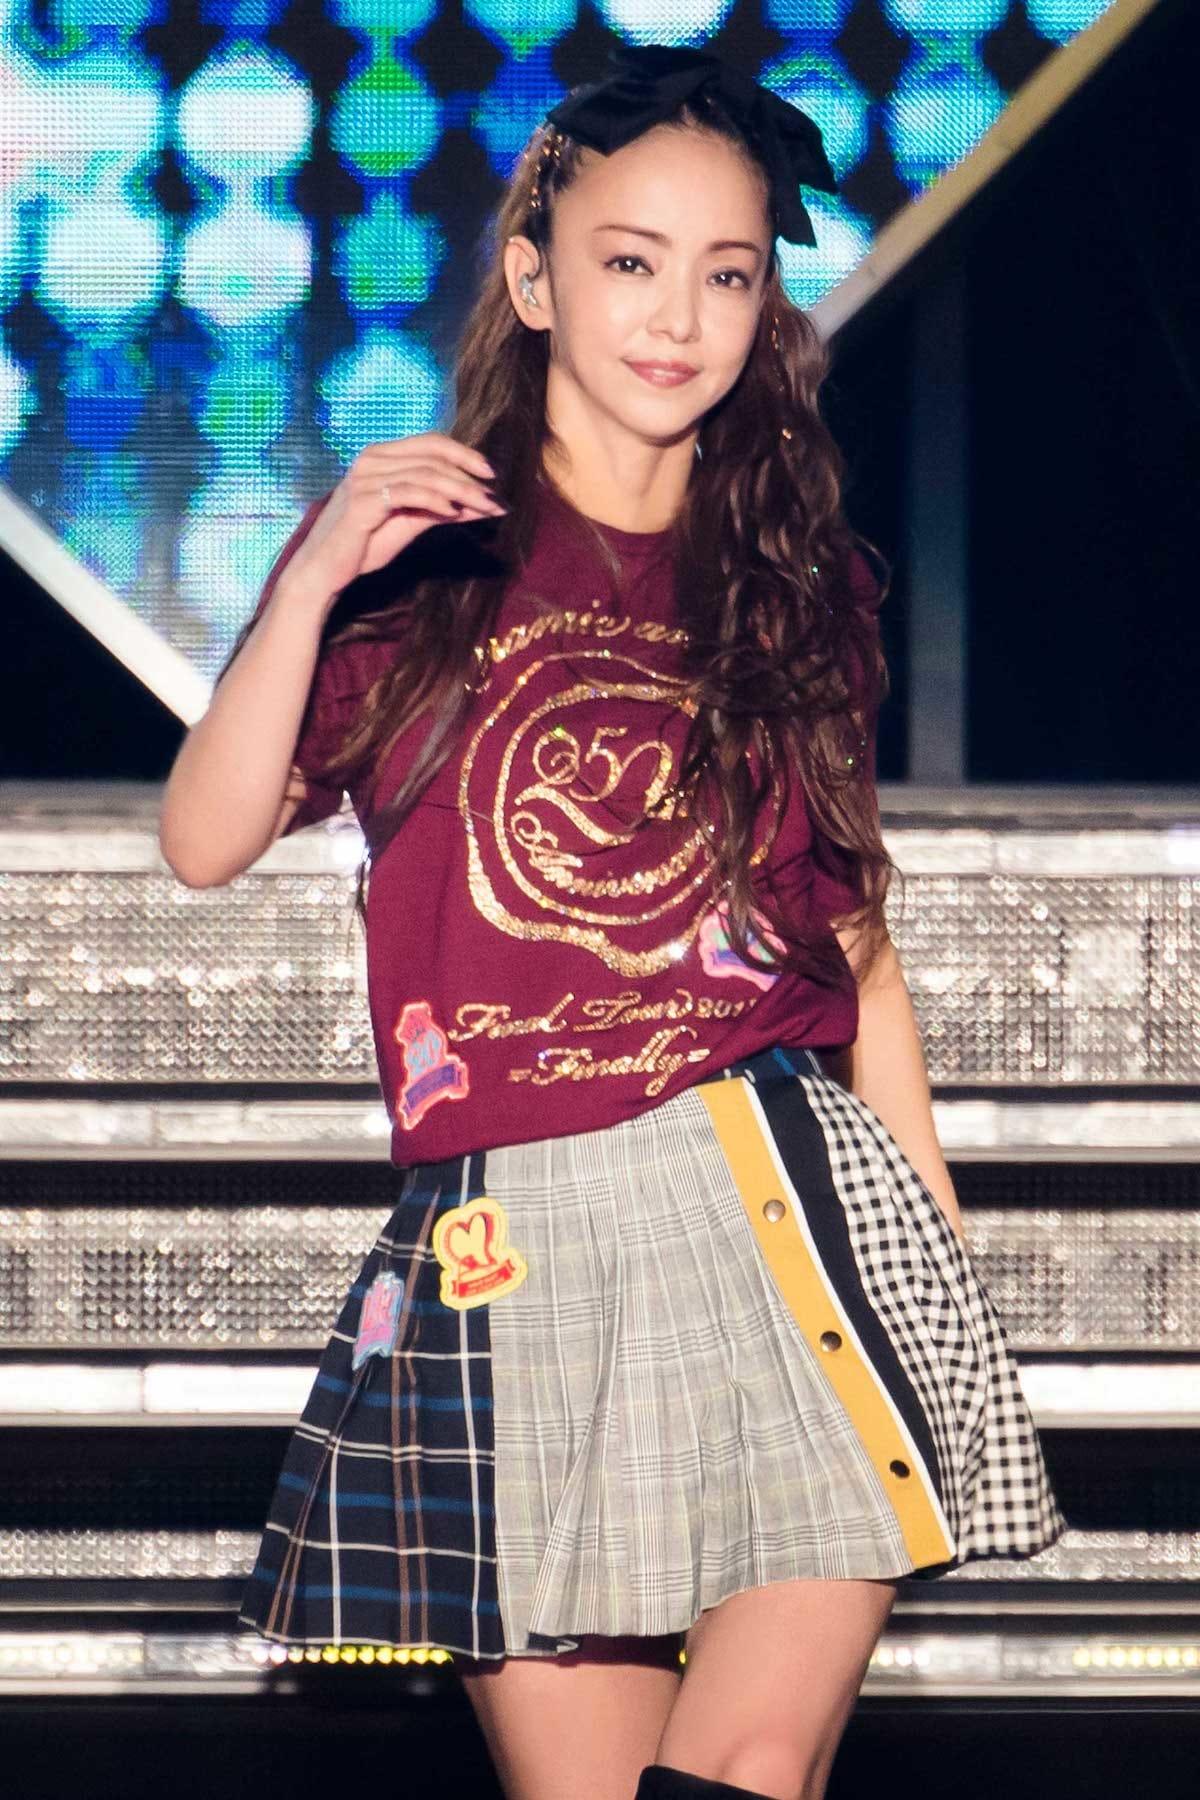 安室奈美恵、アジアツアー終了!残すは6月開催東京ドーム公演のみ! music180521_namieamuro_7-1200x1800